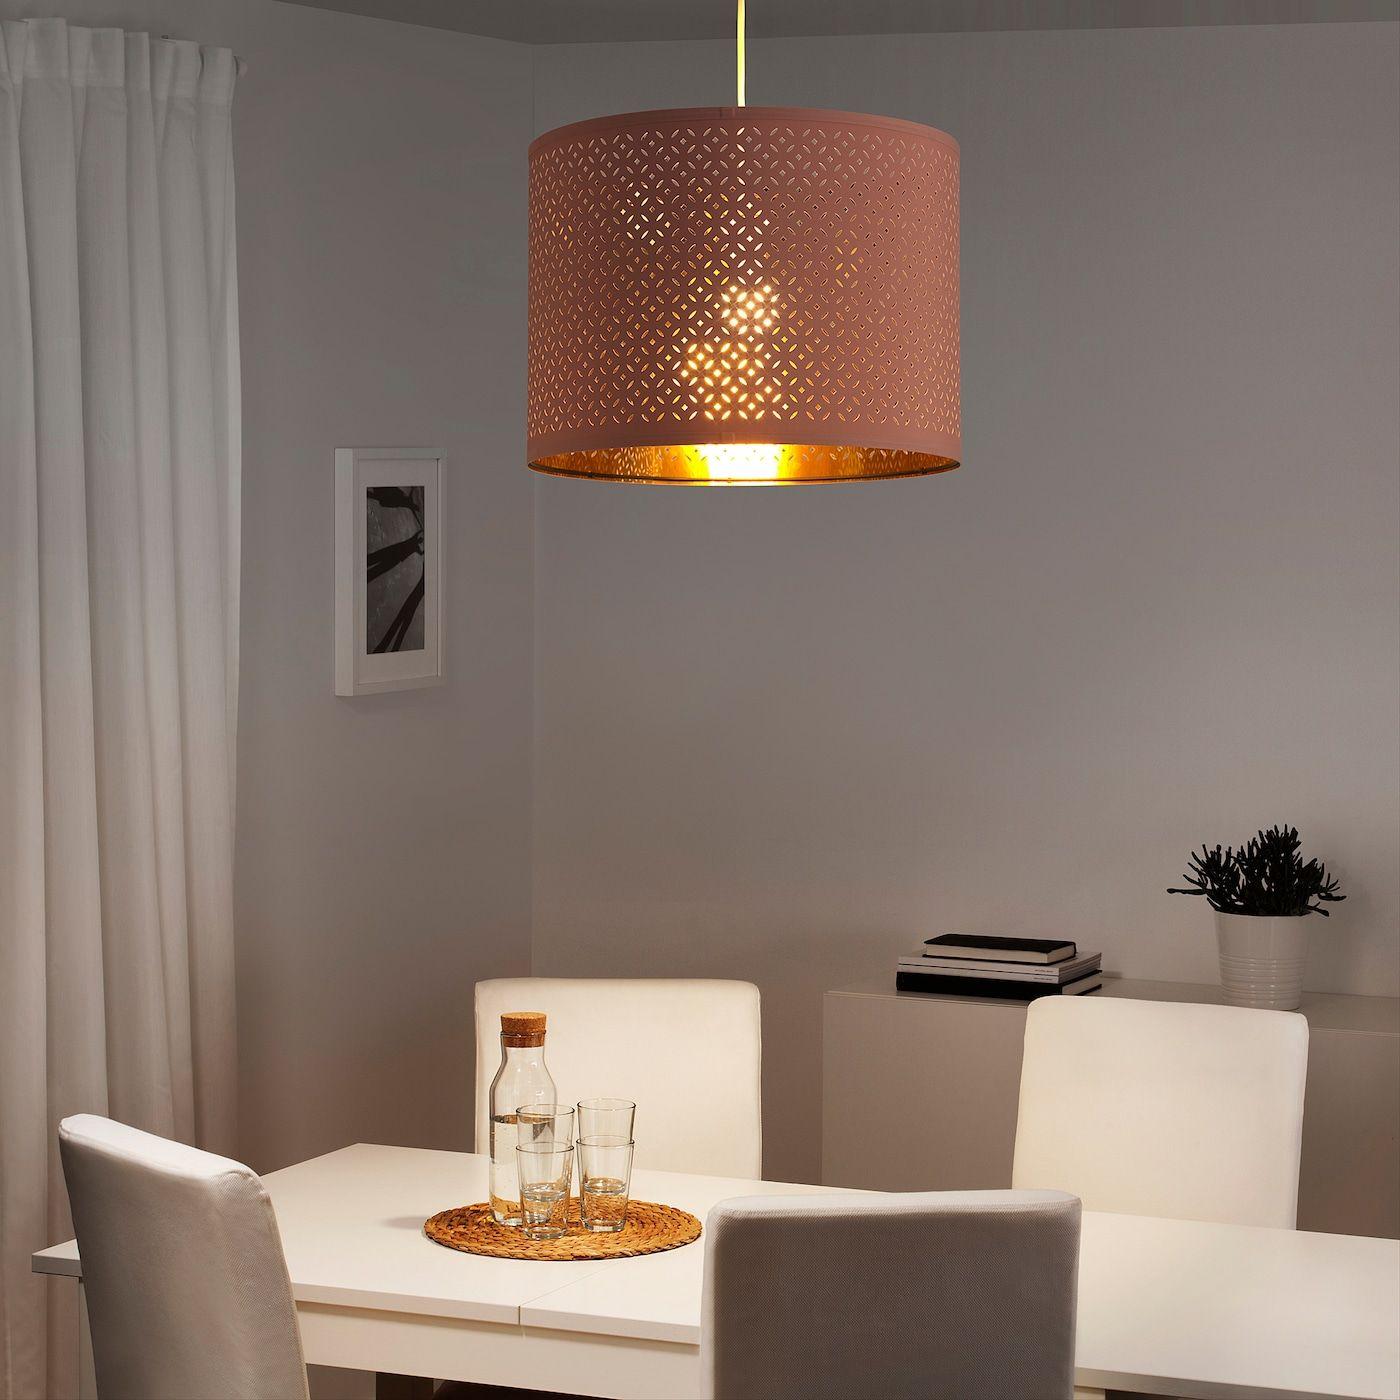 Full Size of Ikea Lampen Nym Leuchtenschirm Rosa Deckenlampen Für Wohnzimmer Miniküche Küche Kosten Bad Led Betten 160x200 Modulküche Modern Sofa Mit Schlaffunktion Wohnzimmer Ikea Lampen